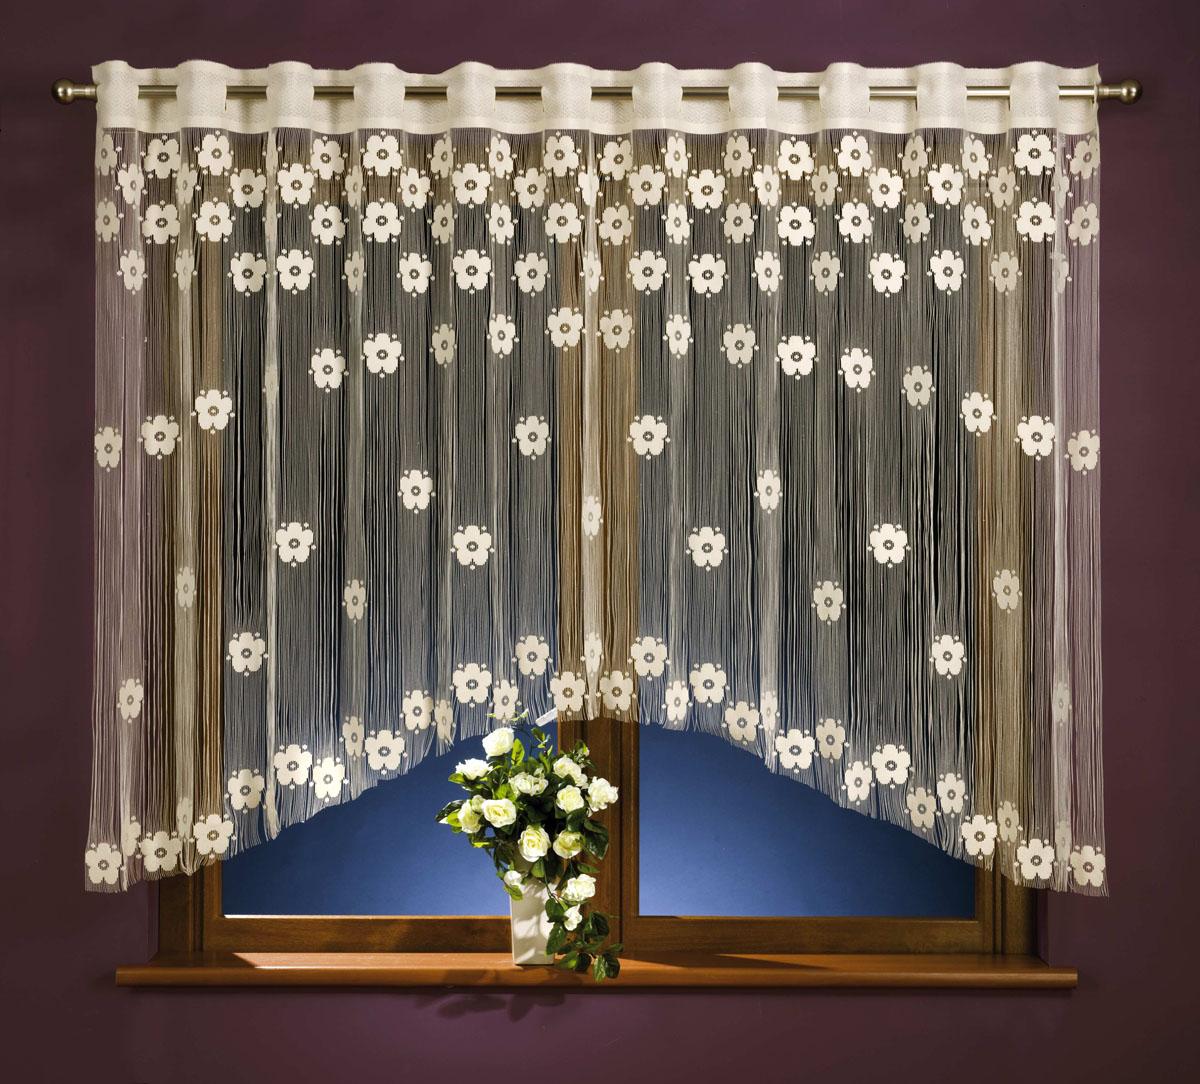 Гардина-лапша Maja, на петлях, цвет: голубой, высота 160 см677580Гардина-лапша Maja, изготовленная из полиэстера голубого цвета, станет великолепным украшением окна, дверного проема и прекрасно послужит для разграничения пространства. Необычный дизайн и яркое оформление привлечет к себе внимание и органично впишется в интерьер помещения. Гардина-лапша оснащена петлями для крепления на круглый карниз.